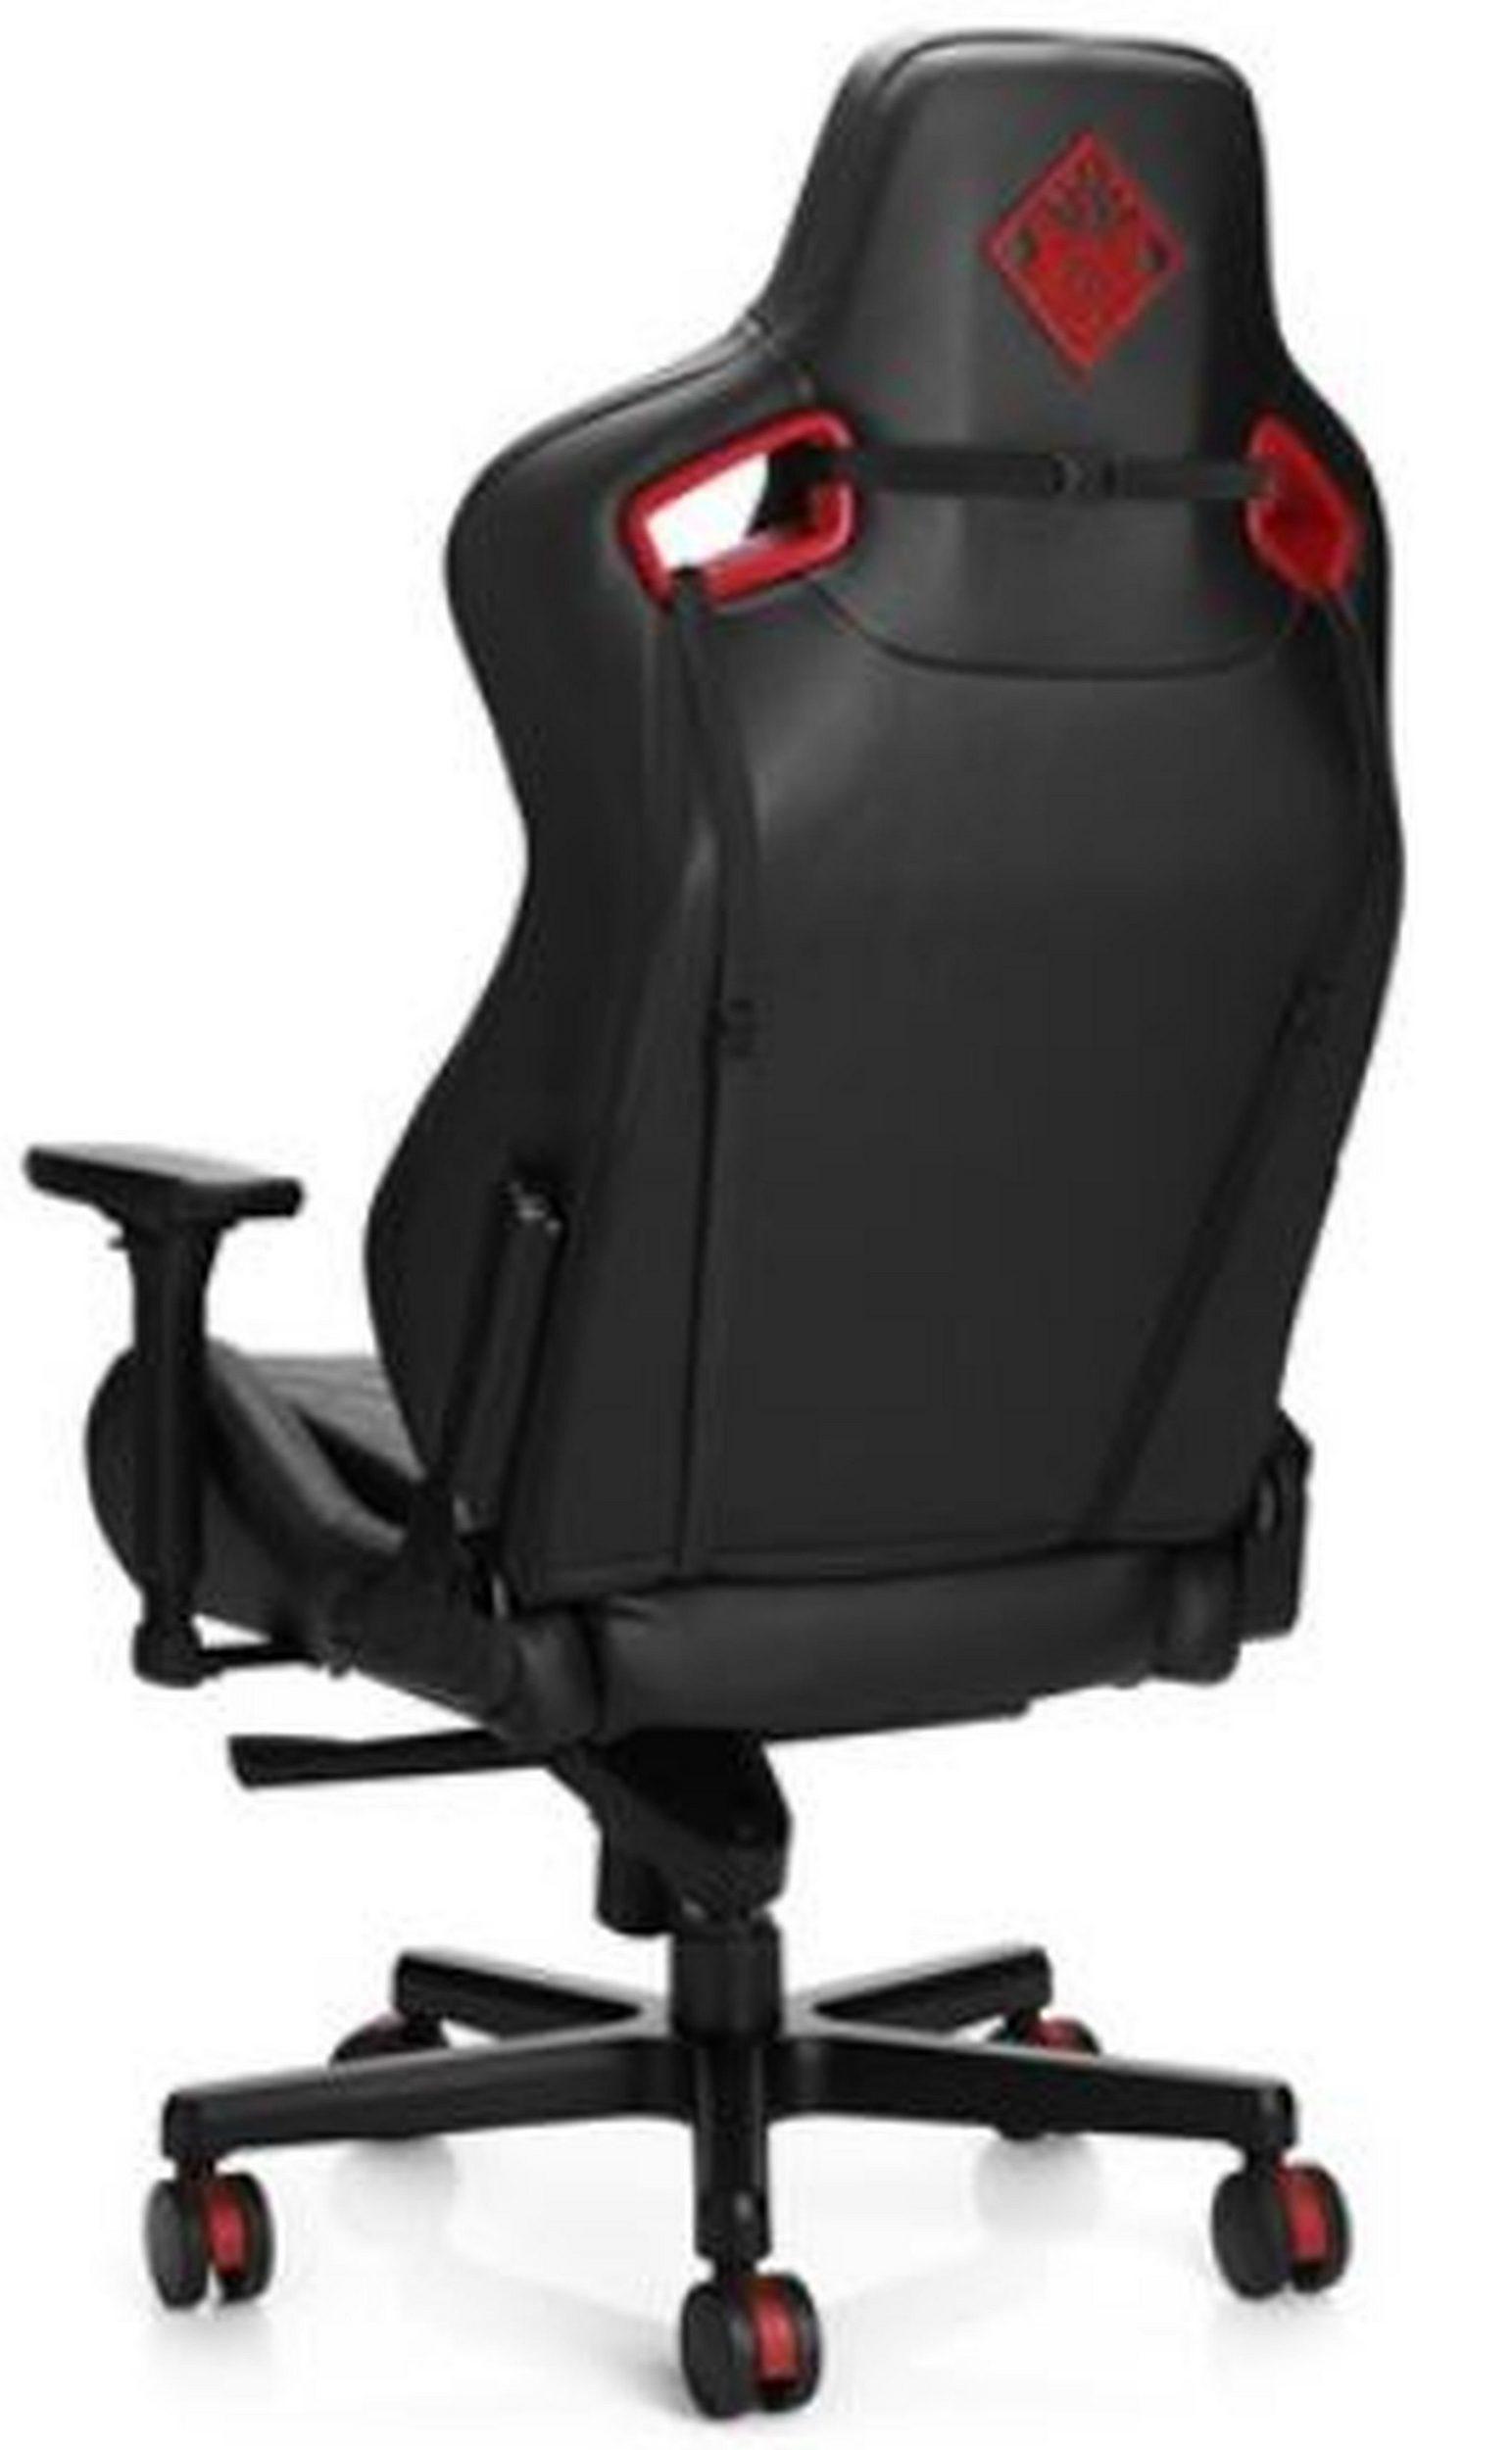 GAMING-Stuhl CITADEL von OMEN - Rückansicht